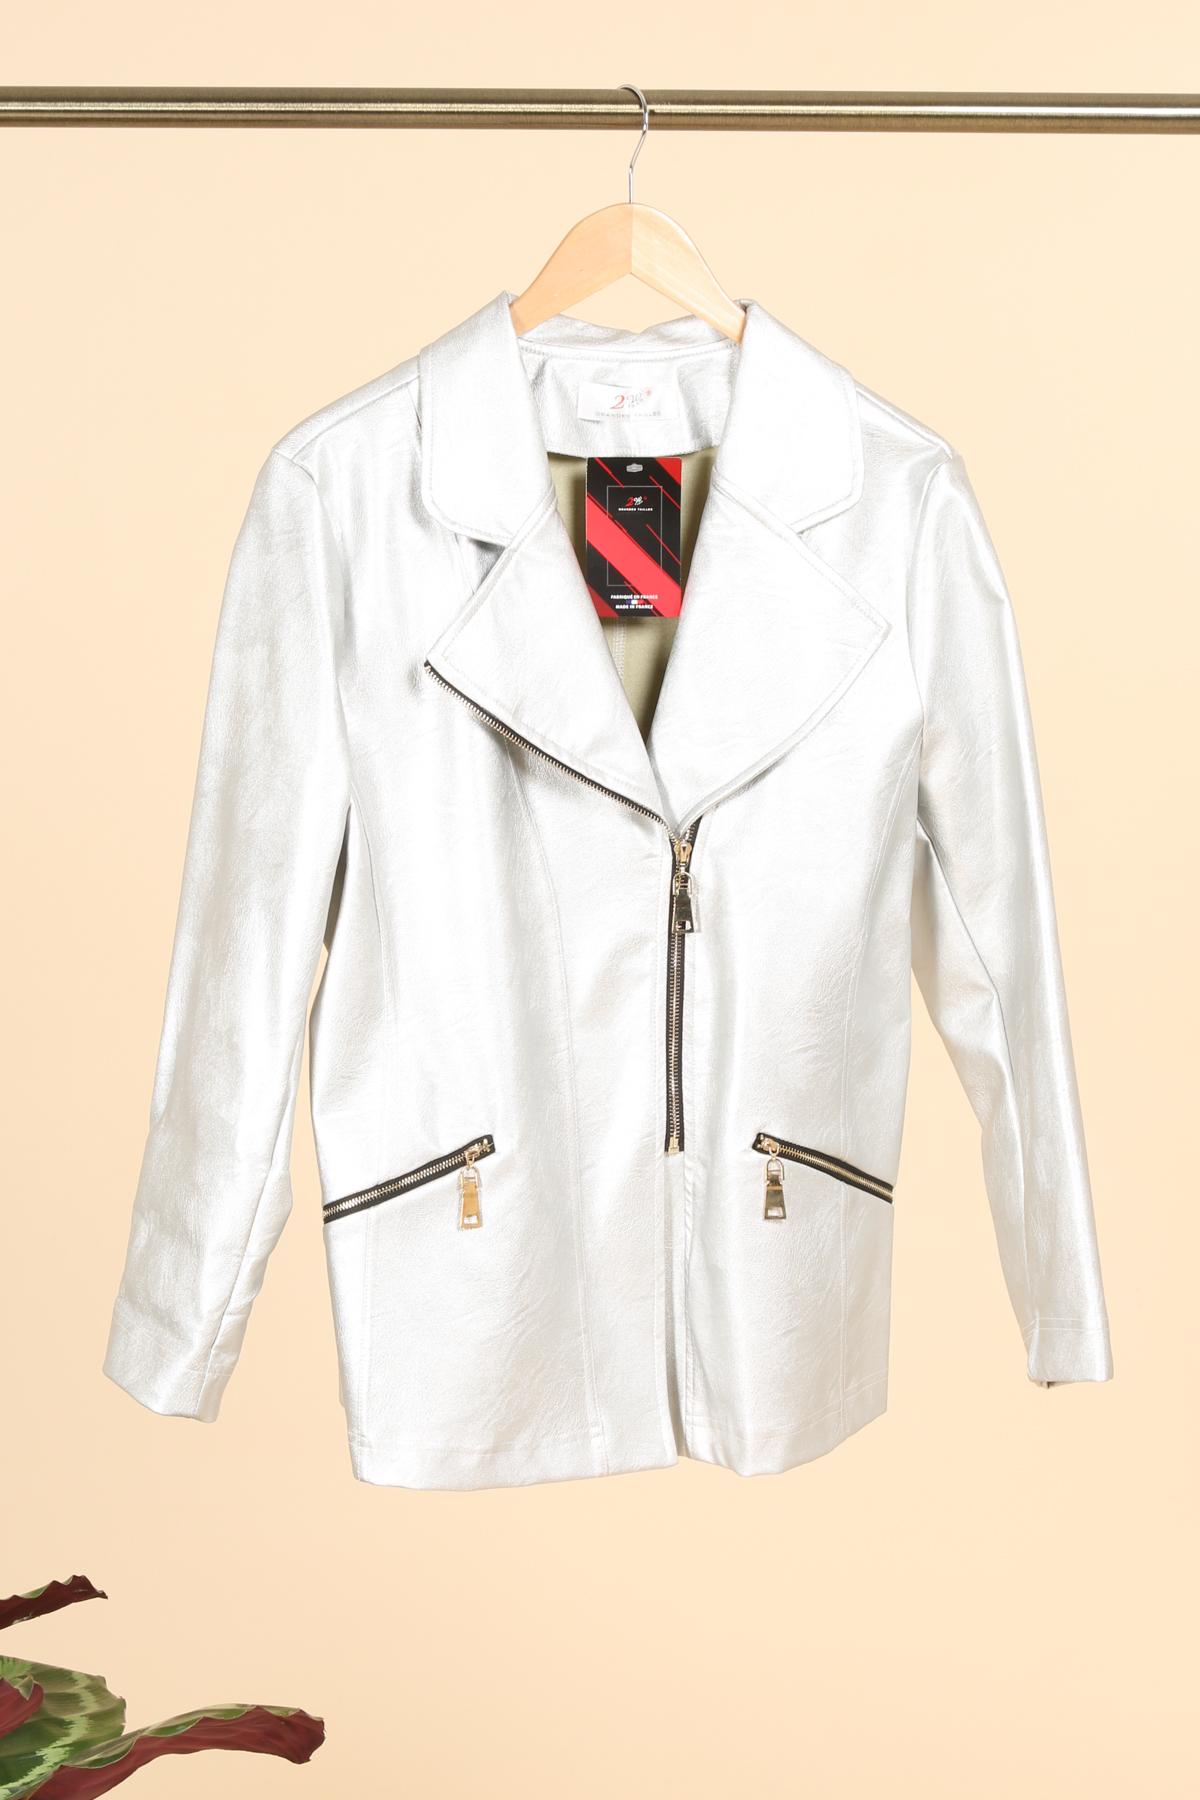 veste simili cuir femme grande taille marque 2w paris argent v1352